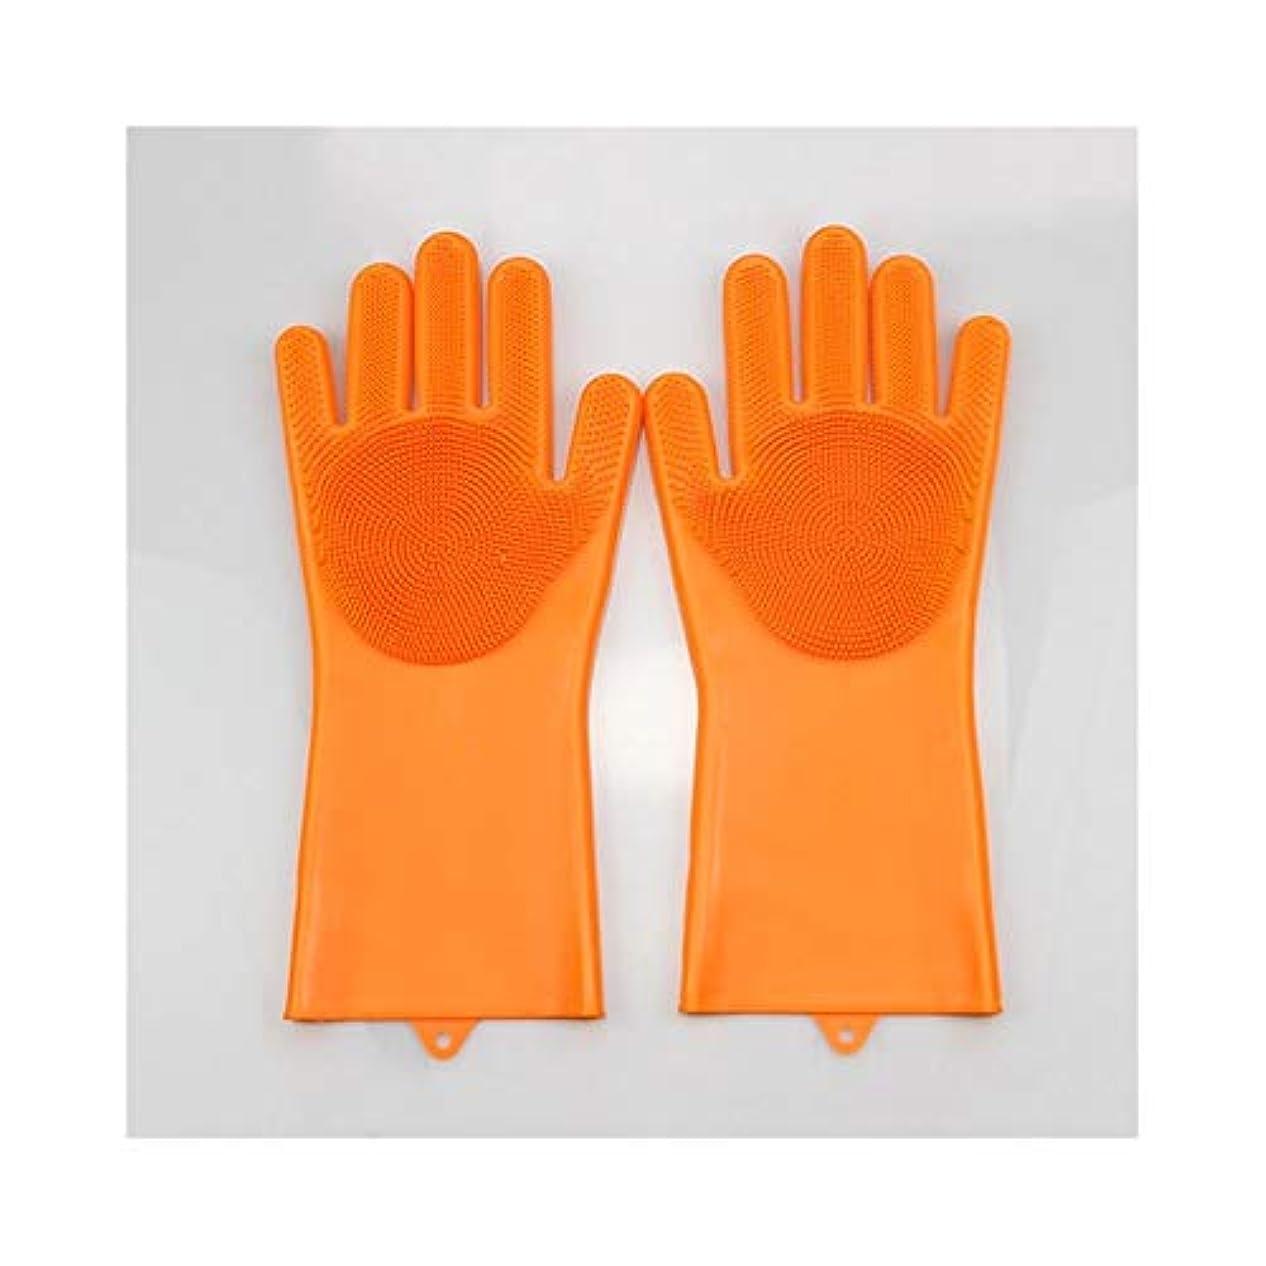 ニンニク転用ちょうつがいBTXXYJP キッチン用手袋 手袋 掃除用 ロング 耐摩耗 食器洗い 作業 掃除 炊事 食器洗い 園芸 洗車 防水 手袋 (Color : Orange, Size : L)